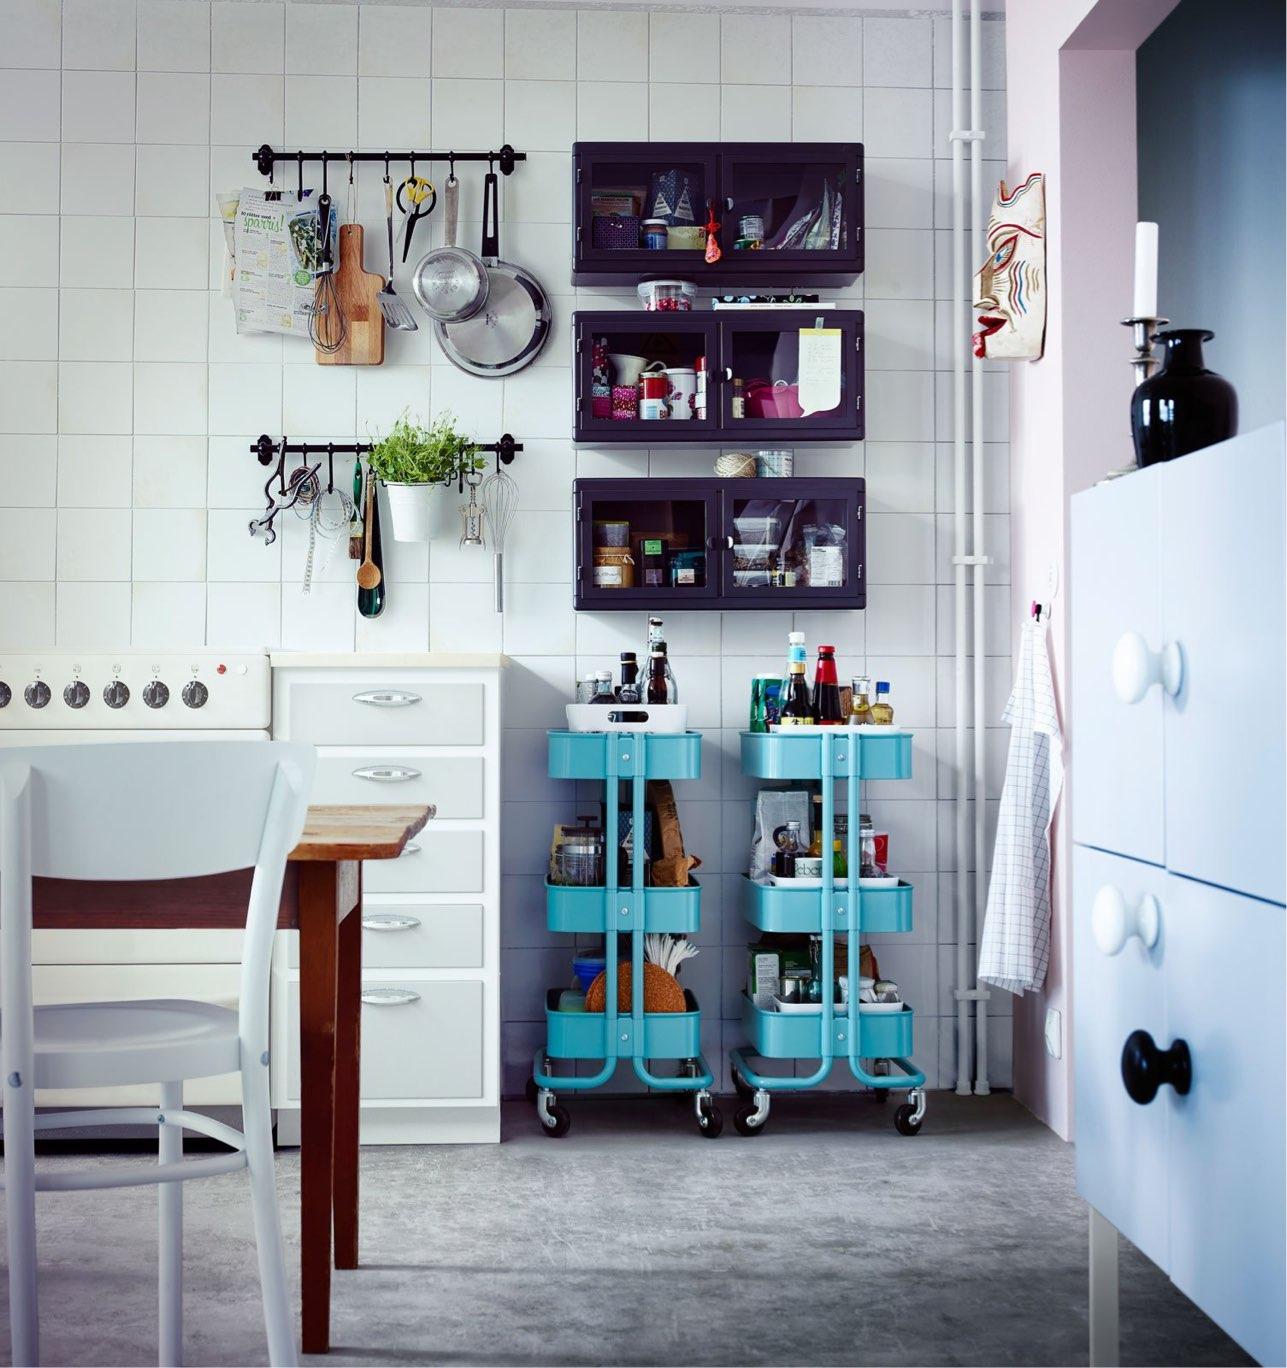 Vivere in un piccolo appartamento: le idee salvaspazio | Quello ...